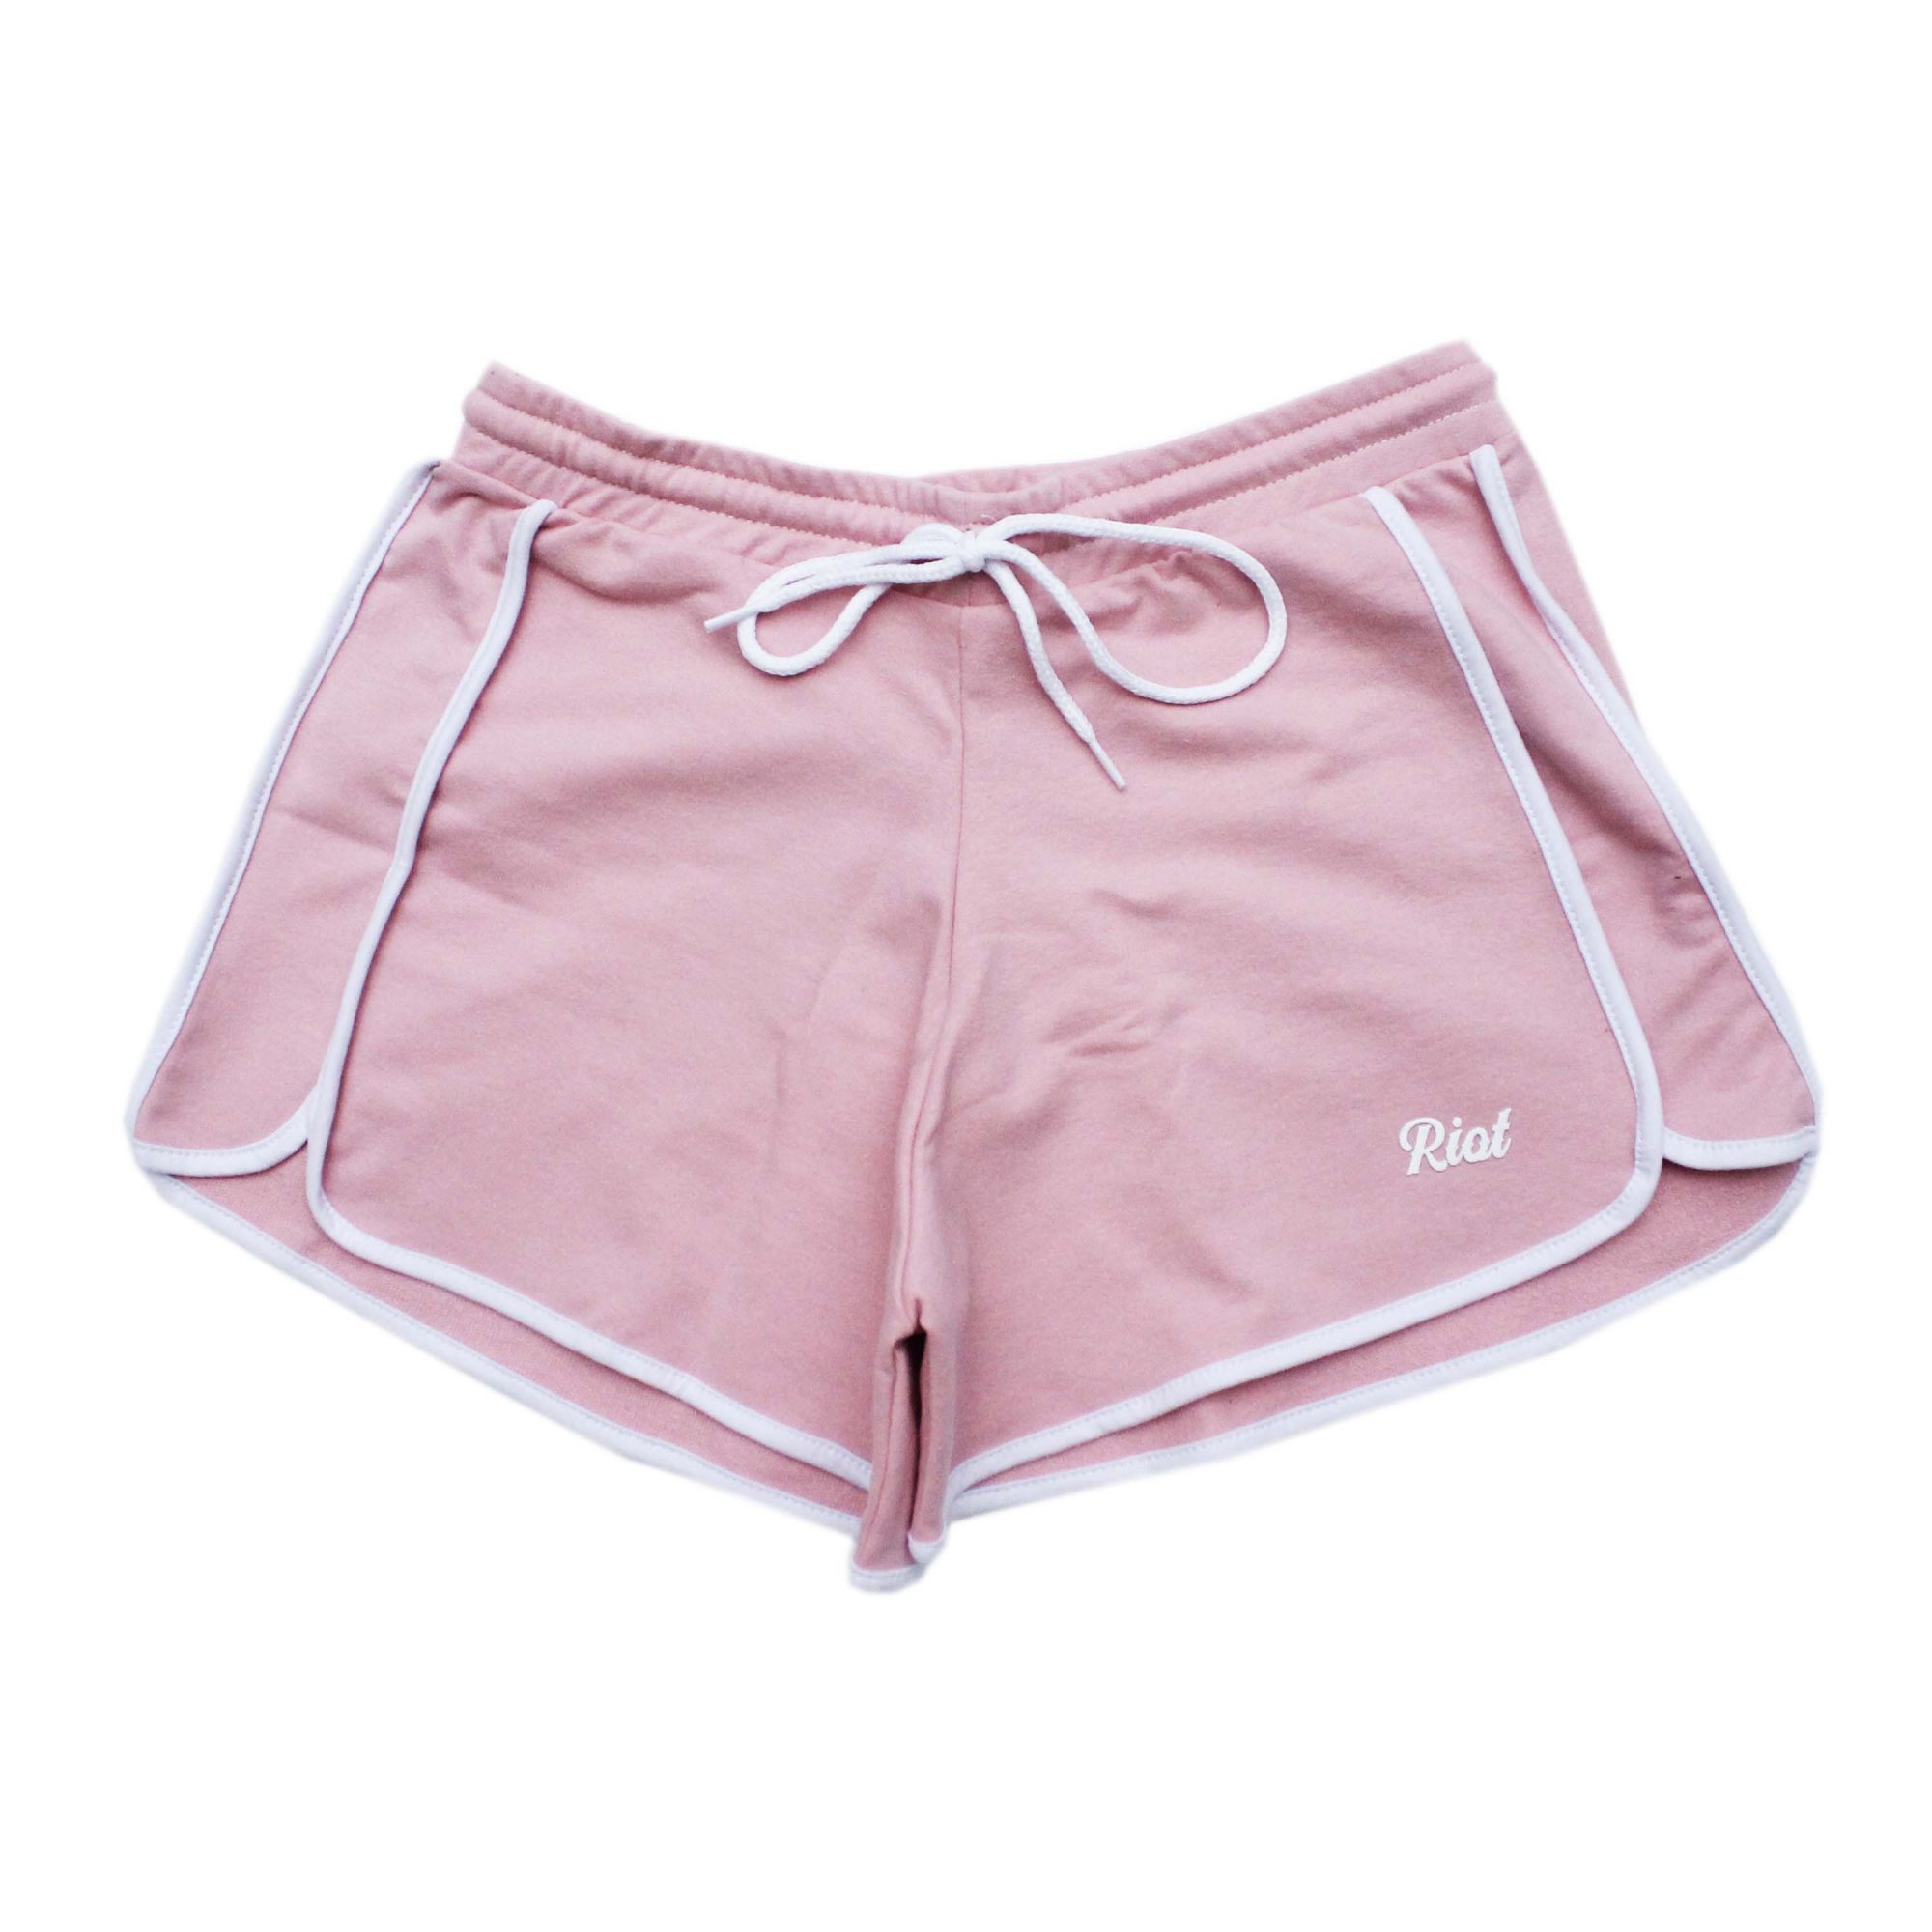 Shorts Riot Runner Rosa/Branco